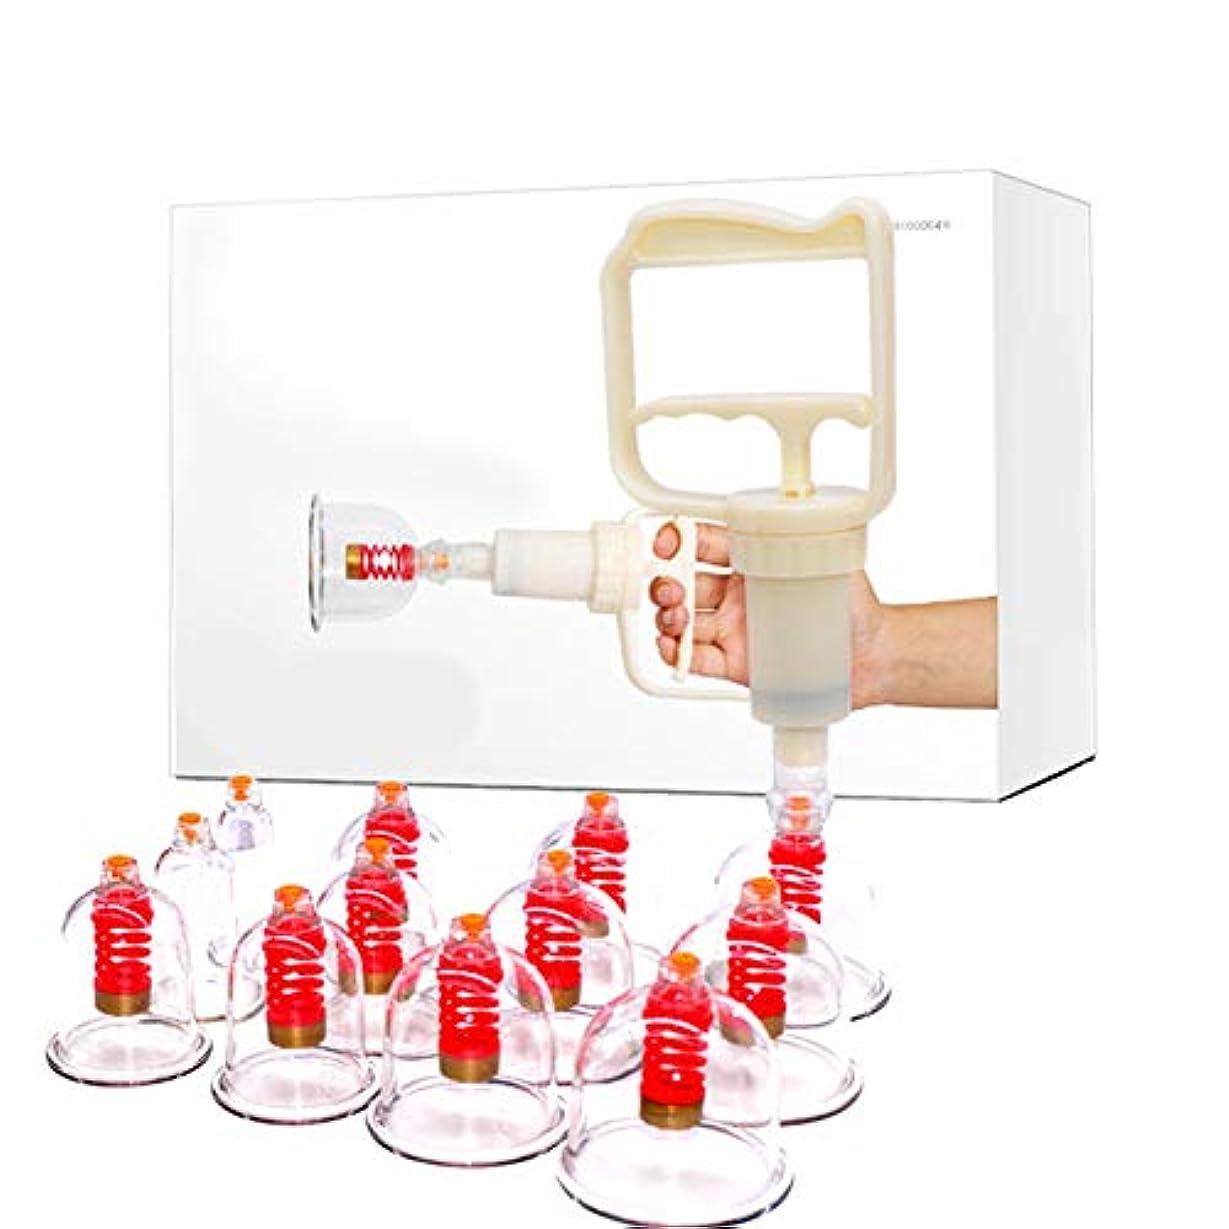 火曜日セーブデザイナー12カップカッピングセットプラスチック、真空吸引中国のツボ療法、在宅医療、筋肉関節痛、肩背部膝痛の軽減に最適